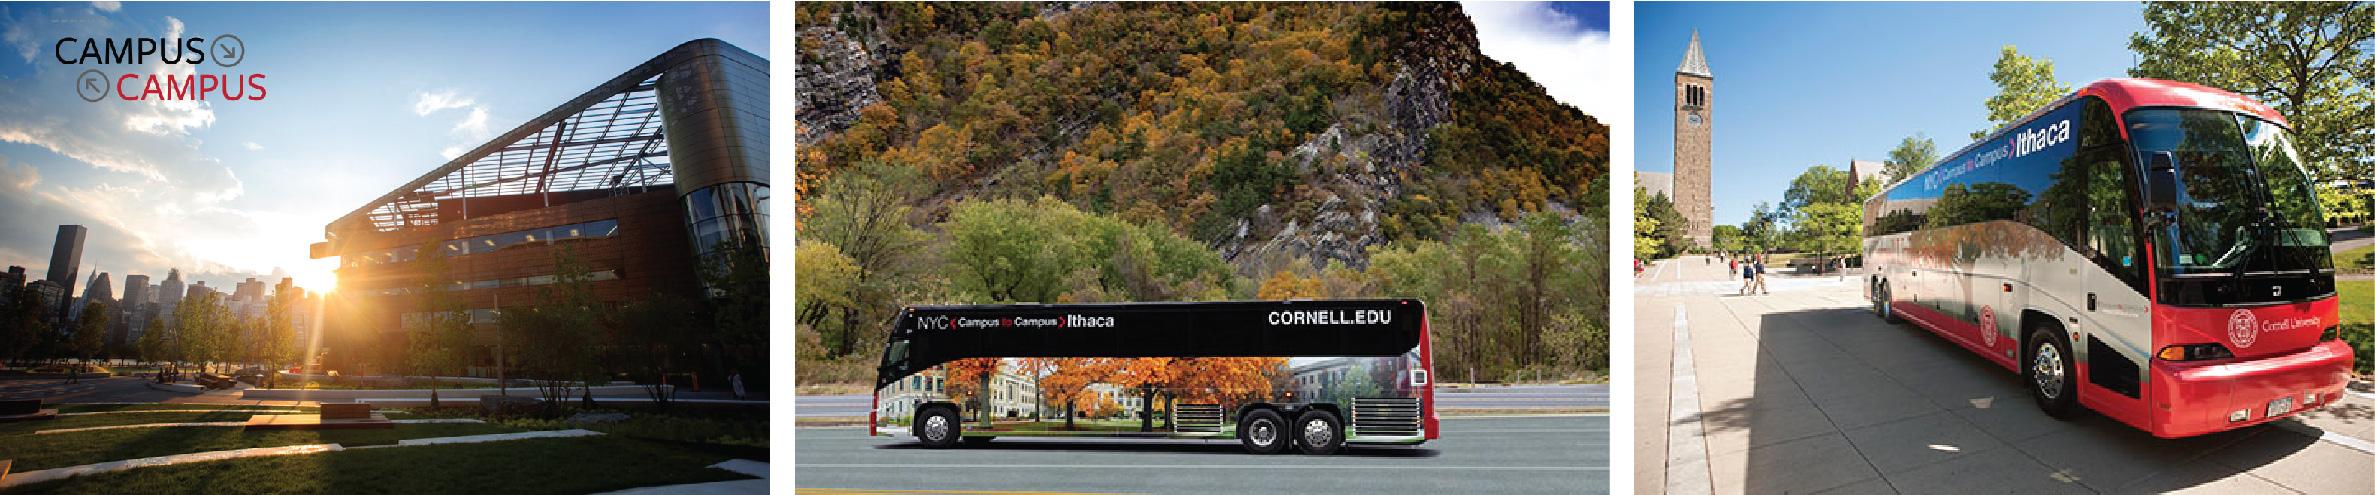 C2C_3-images-coach.jpg